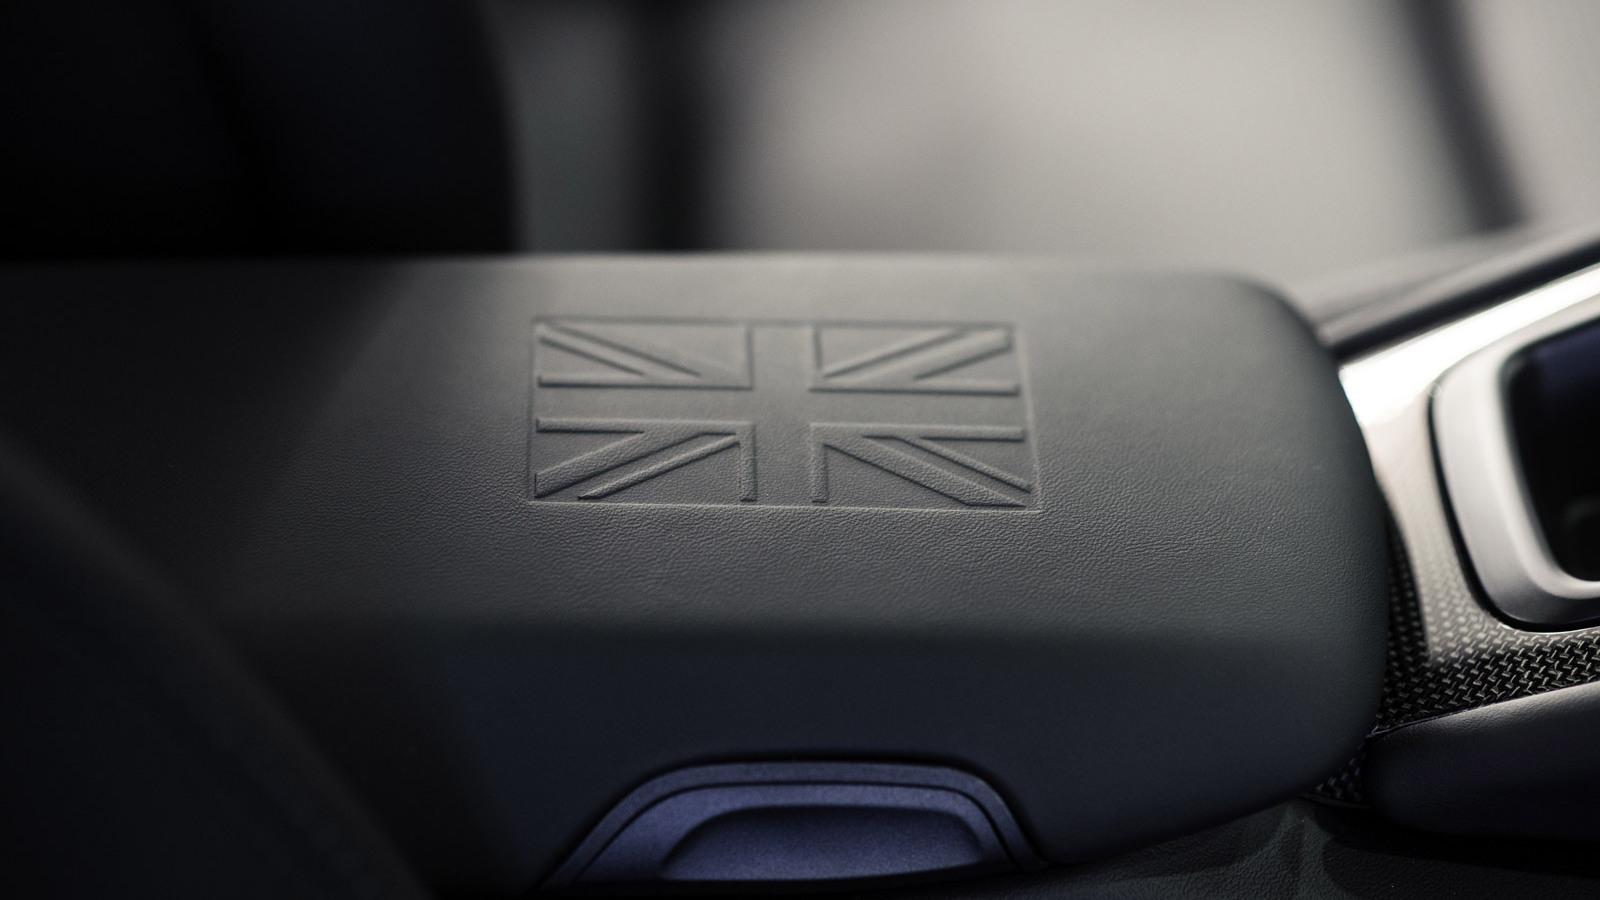 2014 Porsche 911 Turbo S GB Edition